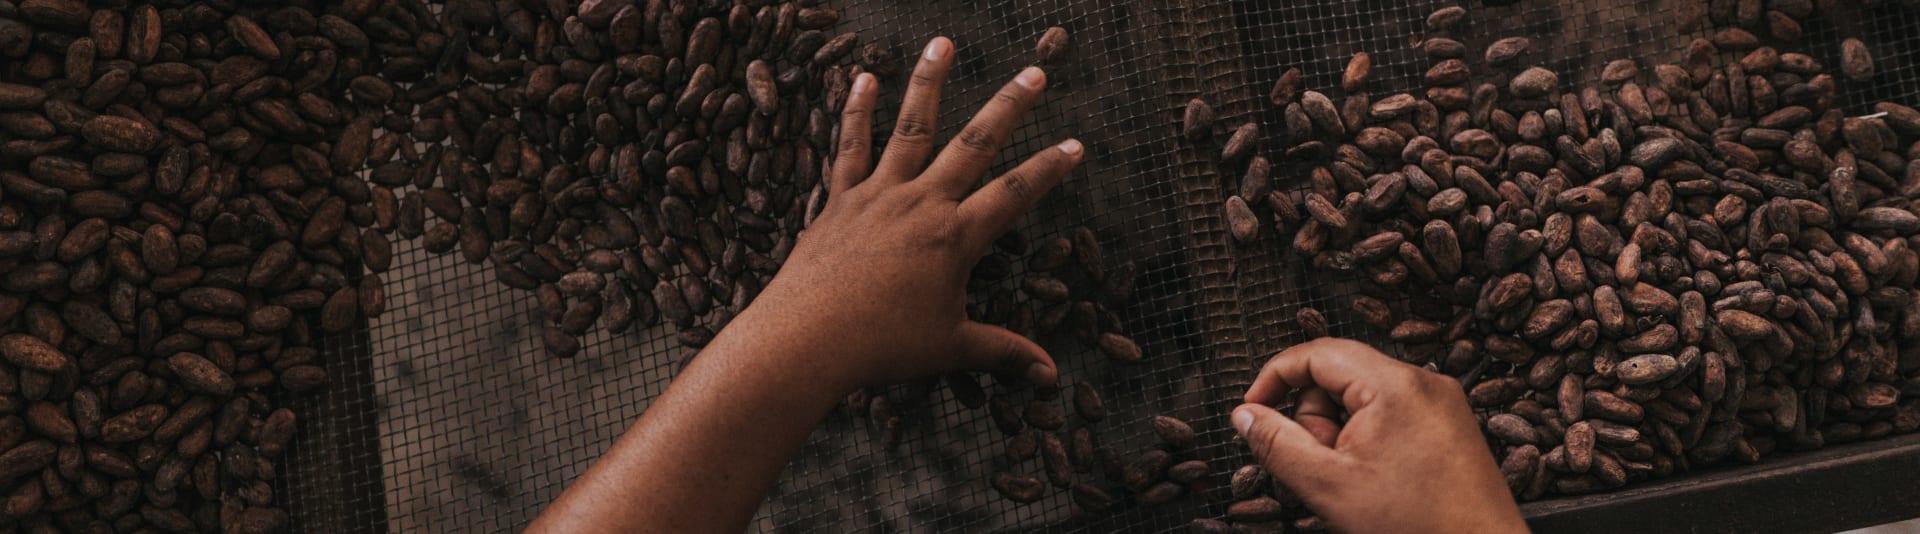 valrhona.com-live-long-cacao